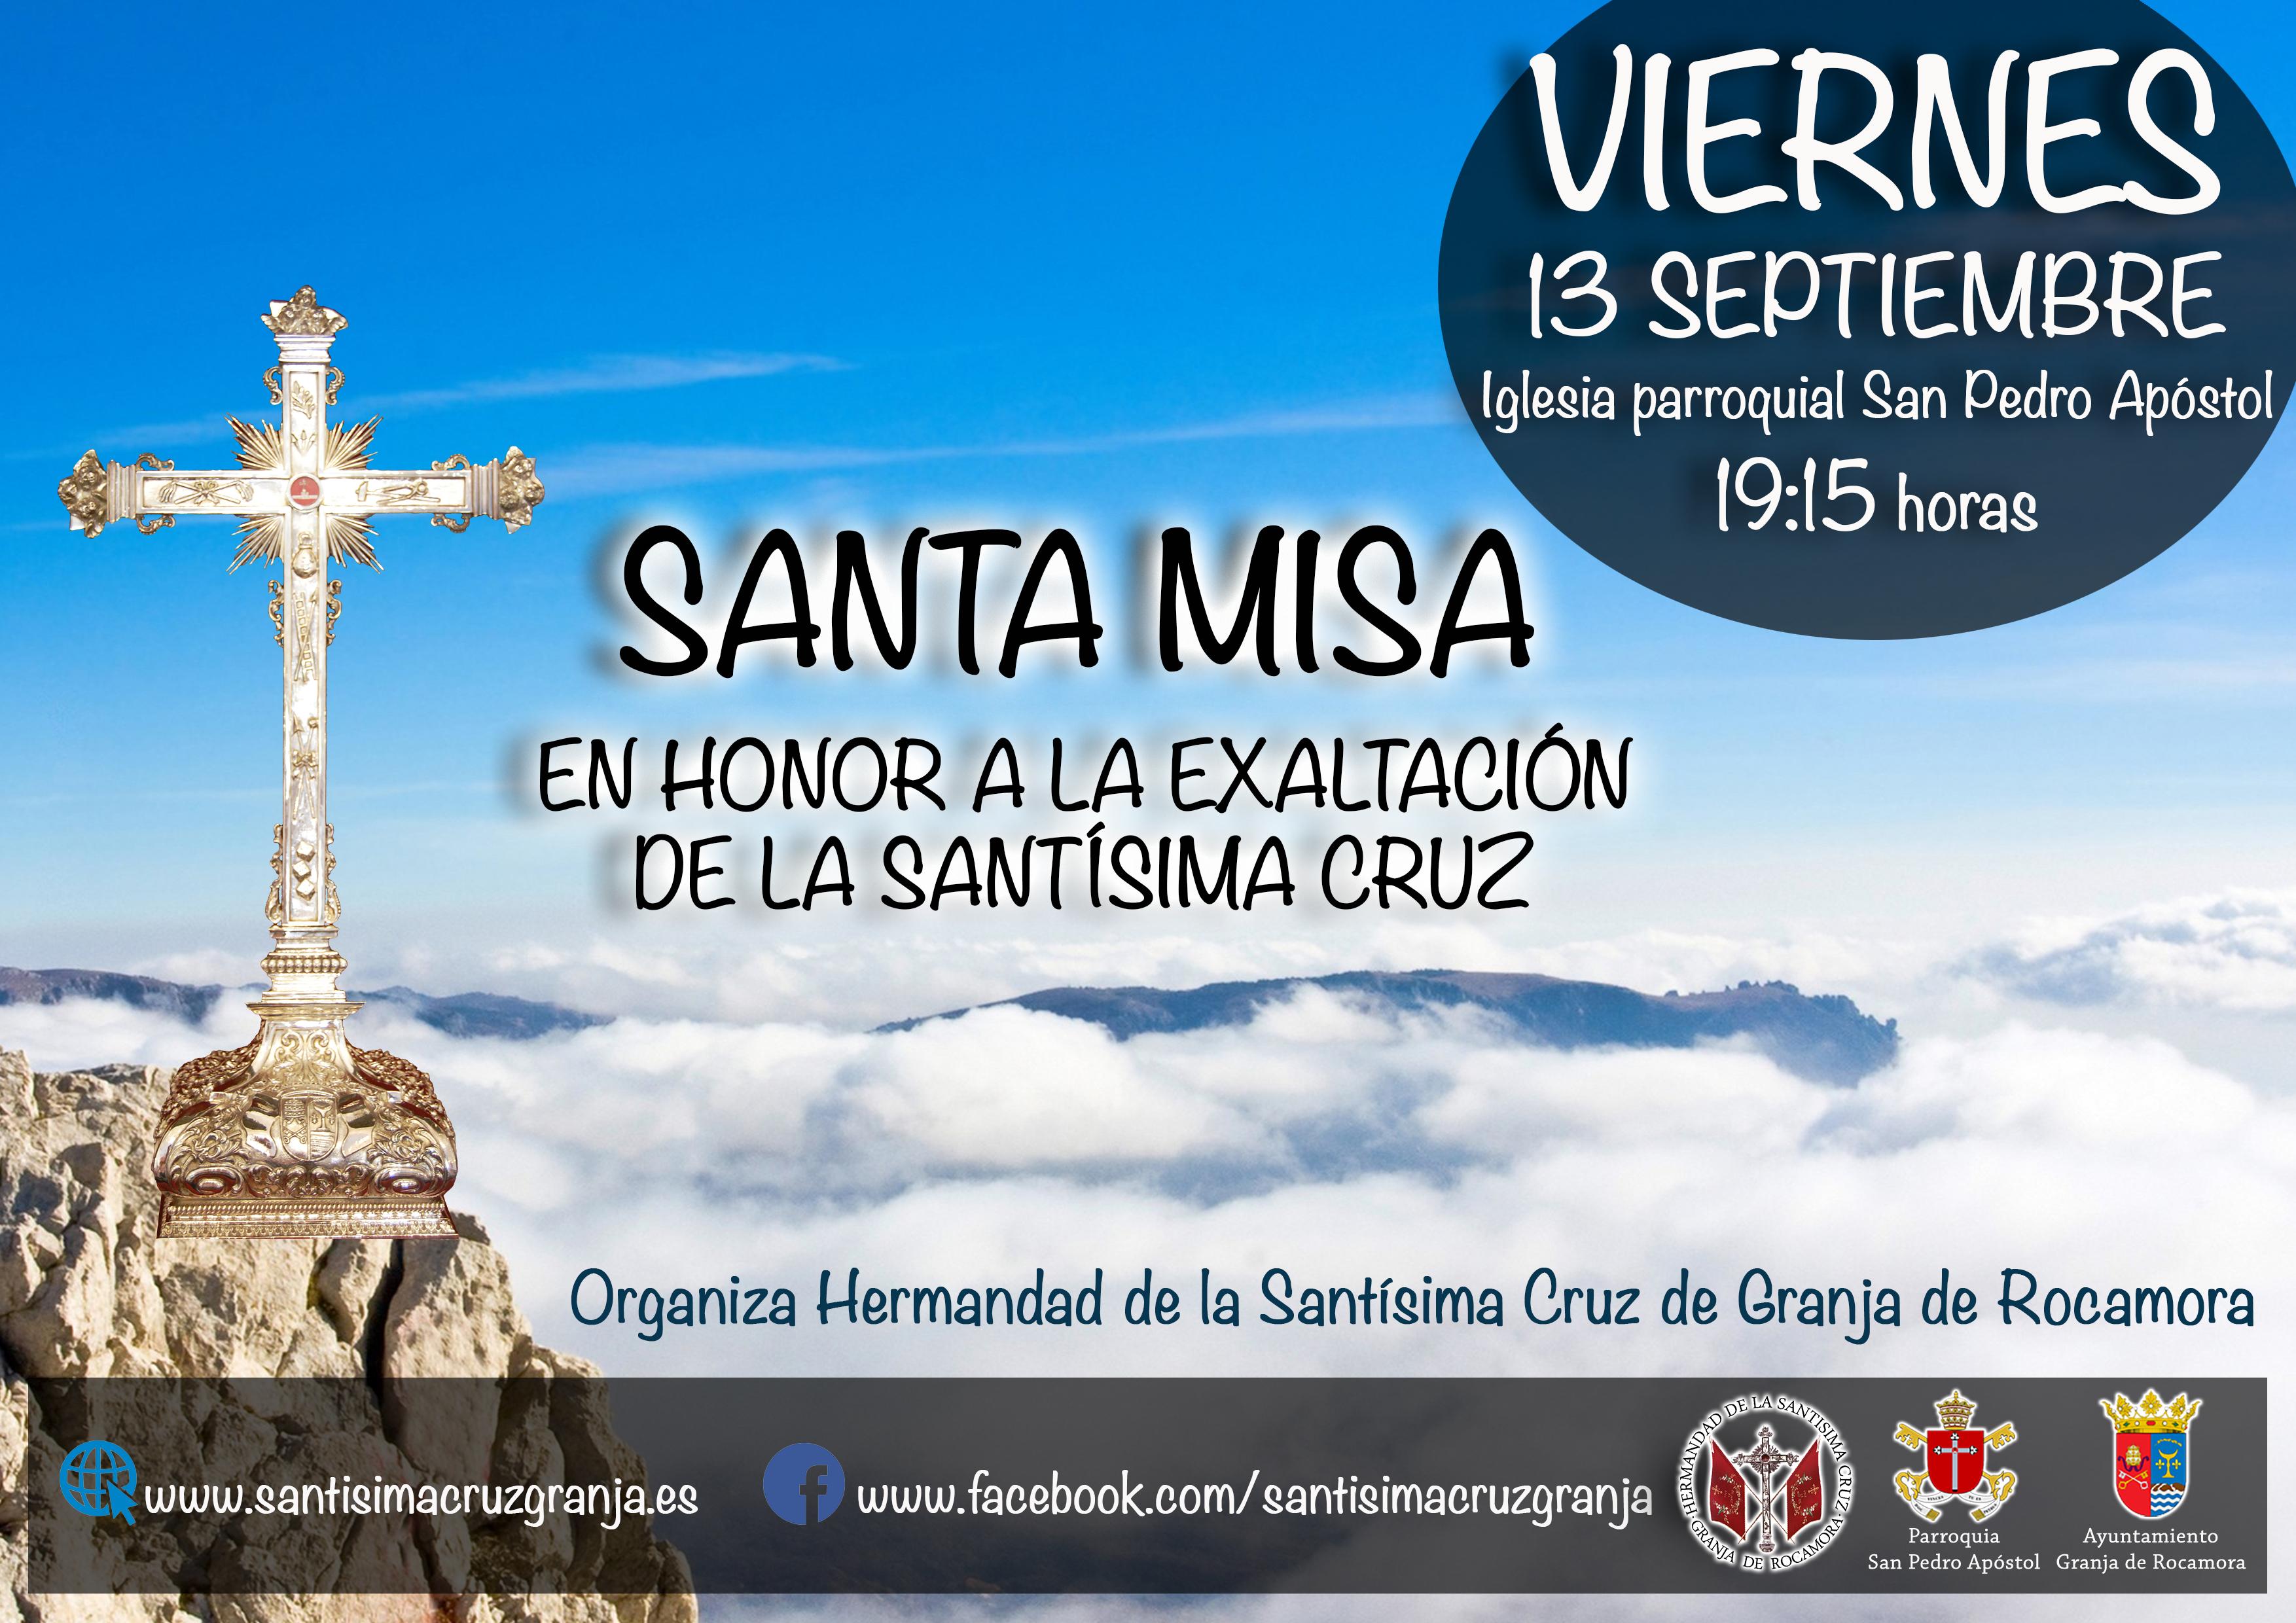 Santa Misa en Honor a la Exaltación de la Santísima Cruz